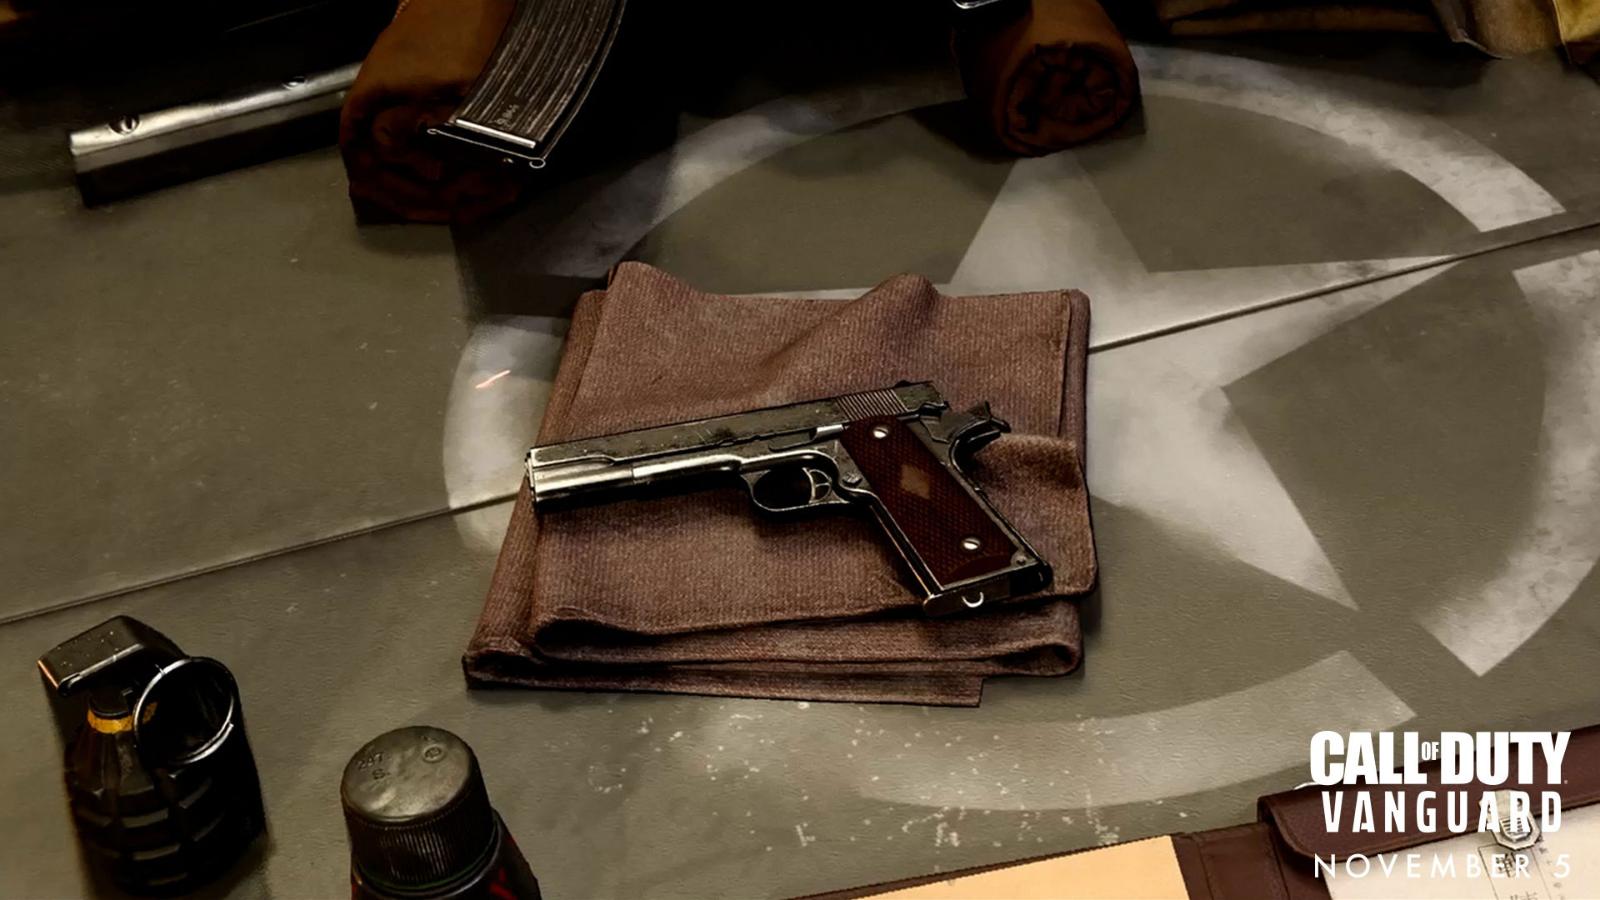 Dit zijn de beste Call of Duty: Vanguard wapens